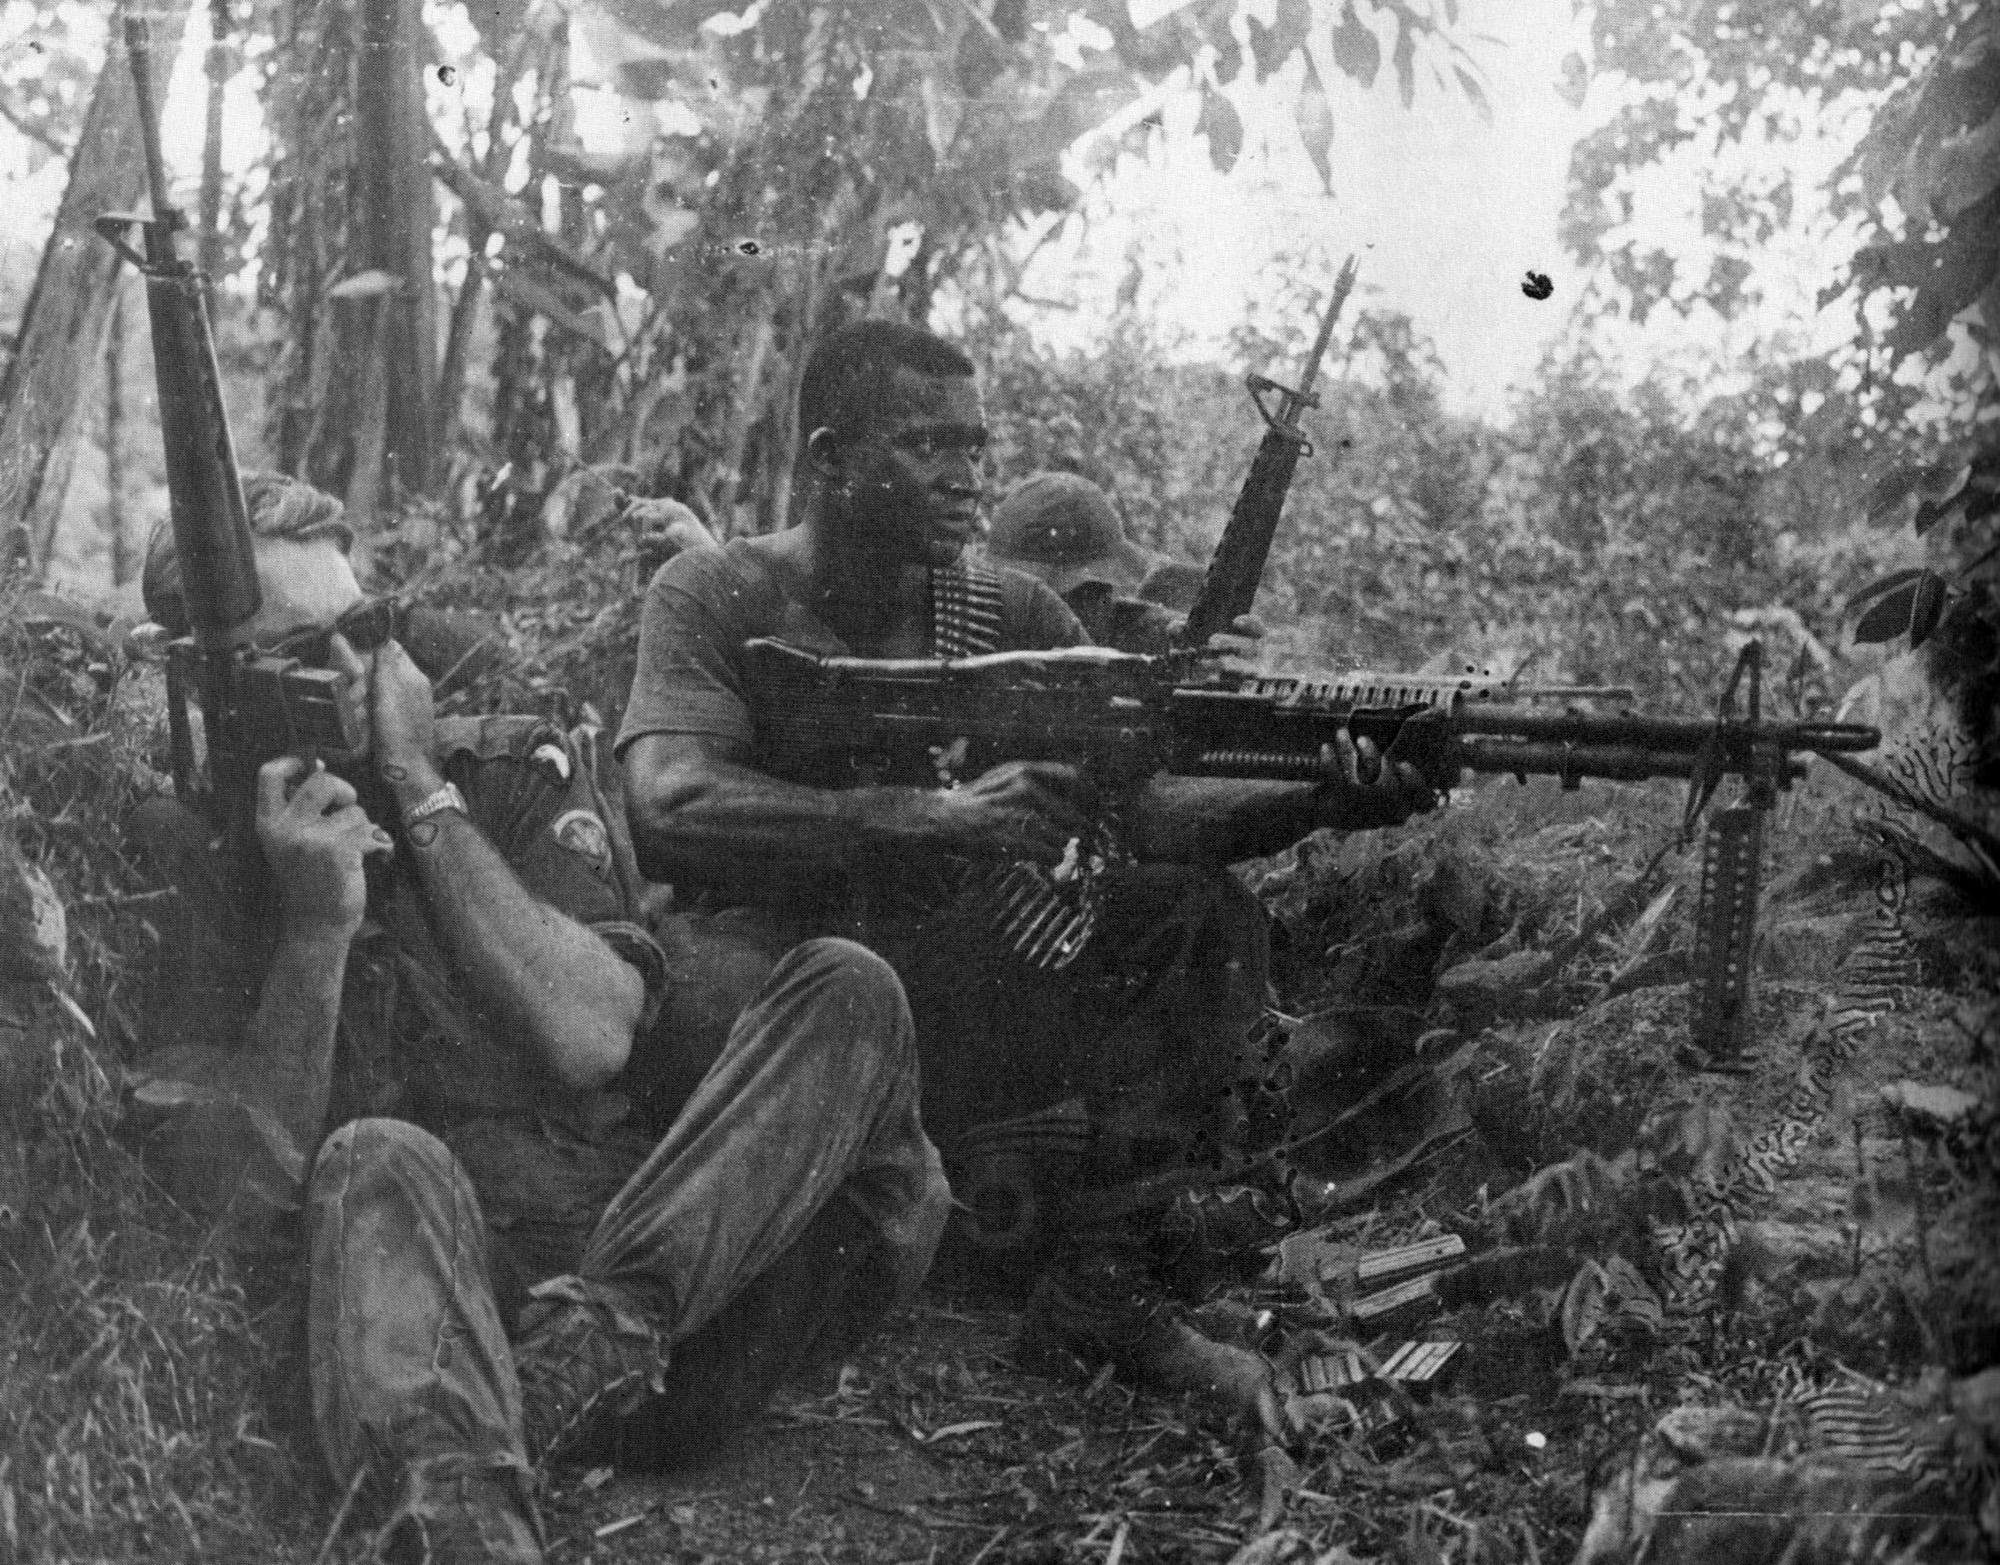 James Lohr két híres fényképét egy tűzharc kellős közepén készítette a Benton-hadművelet során: a 101. légideszant 502. ezredének egyik századát Chu Laitól nyugatra lerohanta egy észak-vietnami alakulat. Az első fotó a tűzharc szünetében készült...